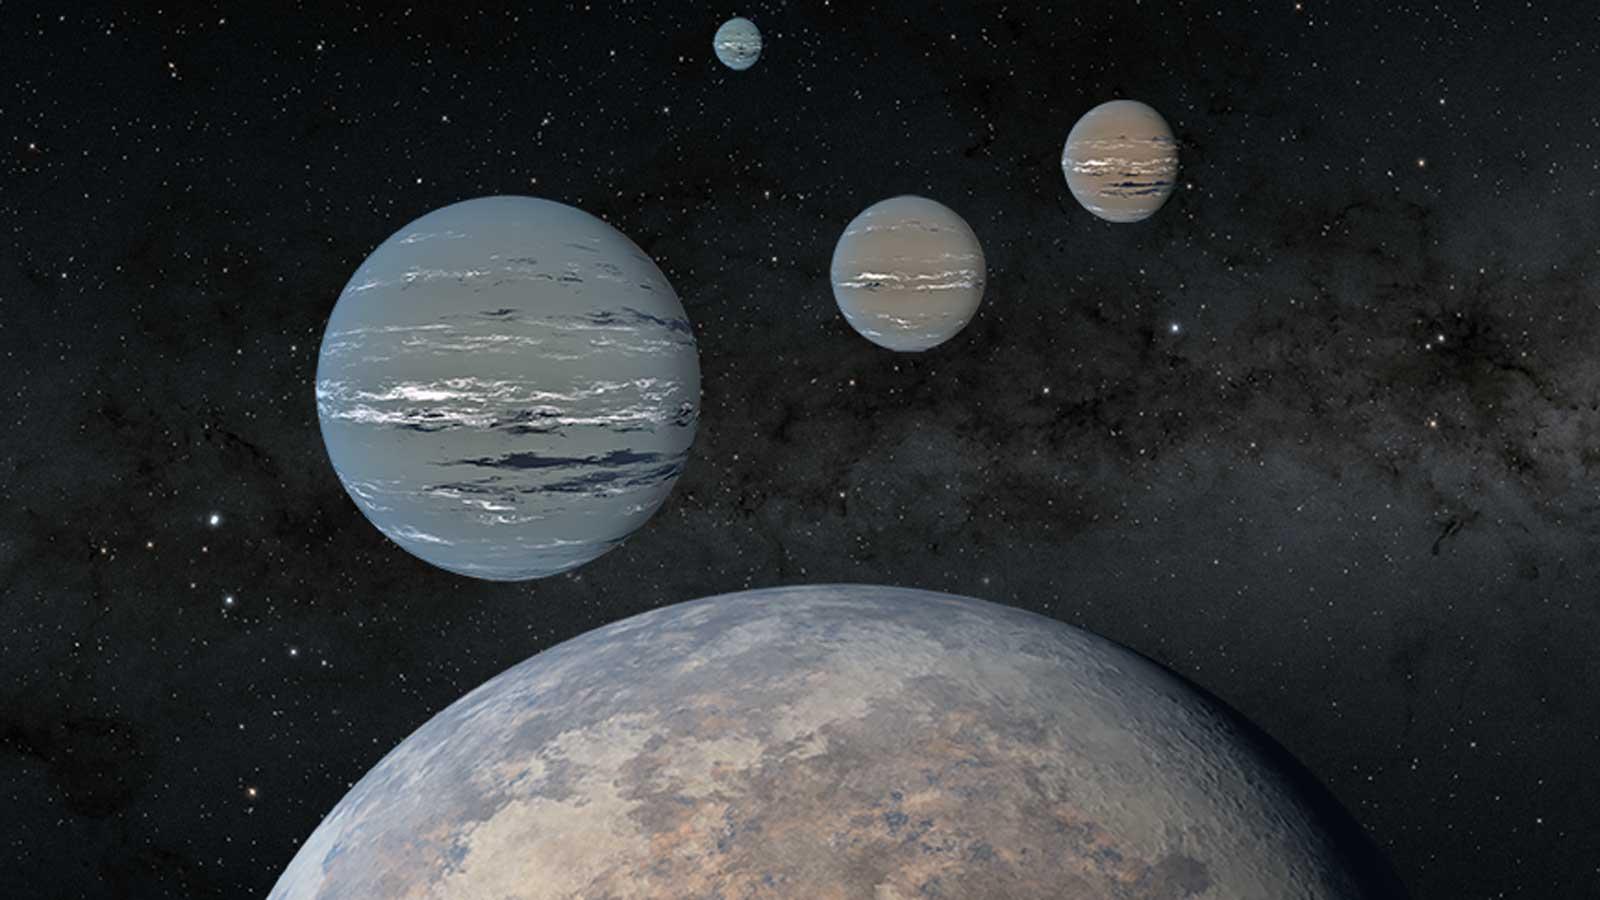 Fotó: NASA/JPL-Caltech